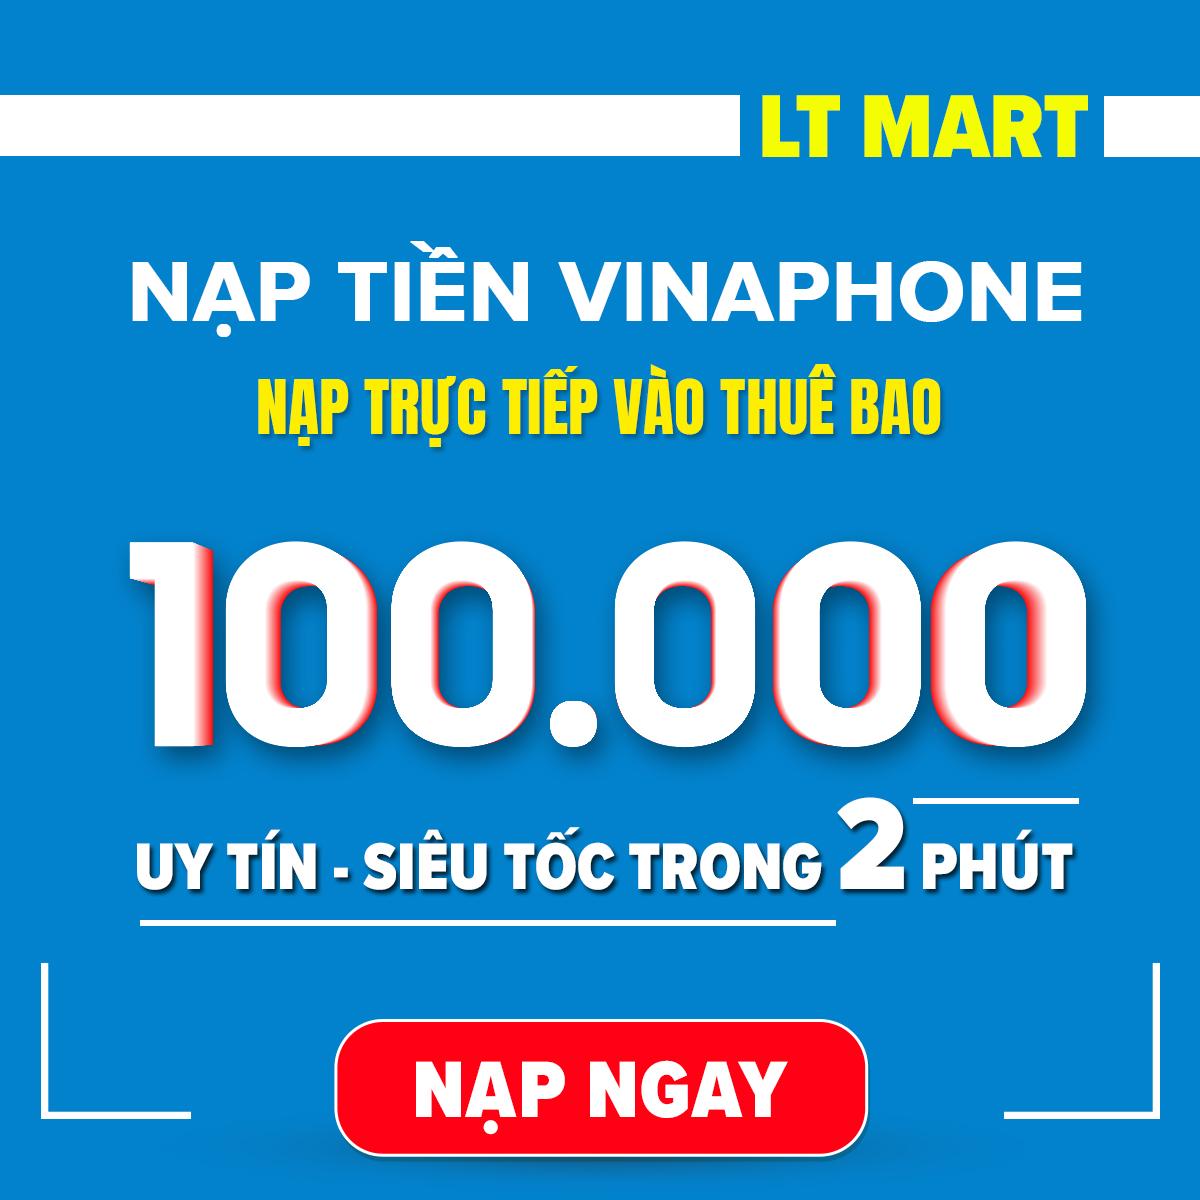 [HCM]Nạp tiền Vinaphone 100.000 (Nạp tiền trực tiếp vào thuê bao trả trướctrả sau của vinaphone.itelecom) LTmart - Uy tín thao tác nhanh chóng